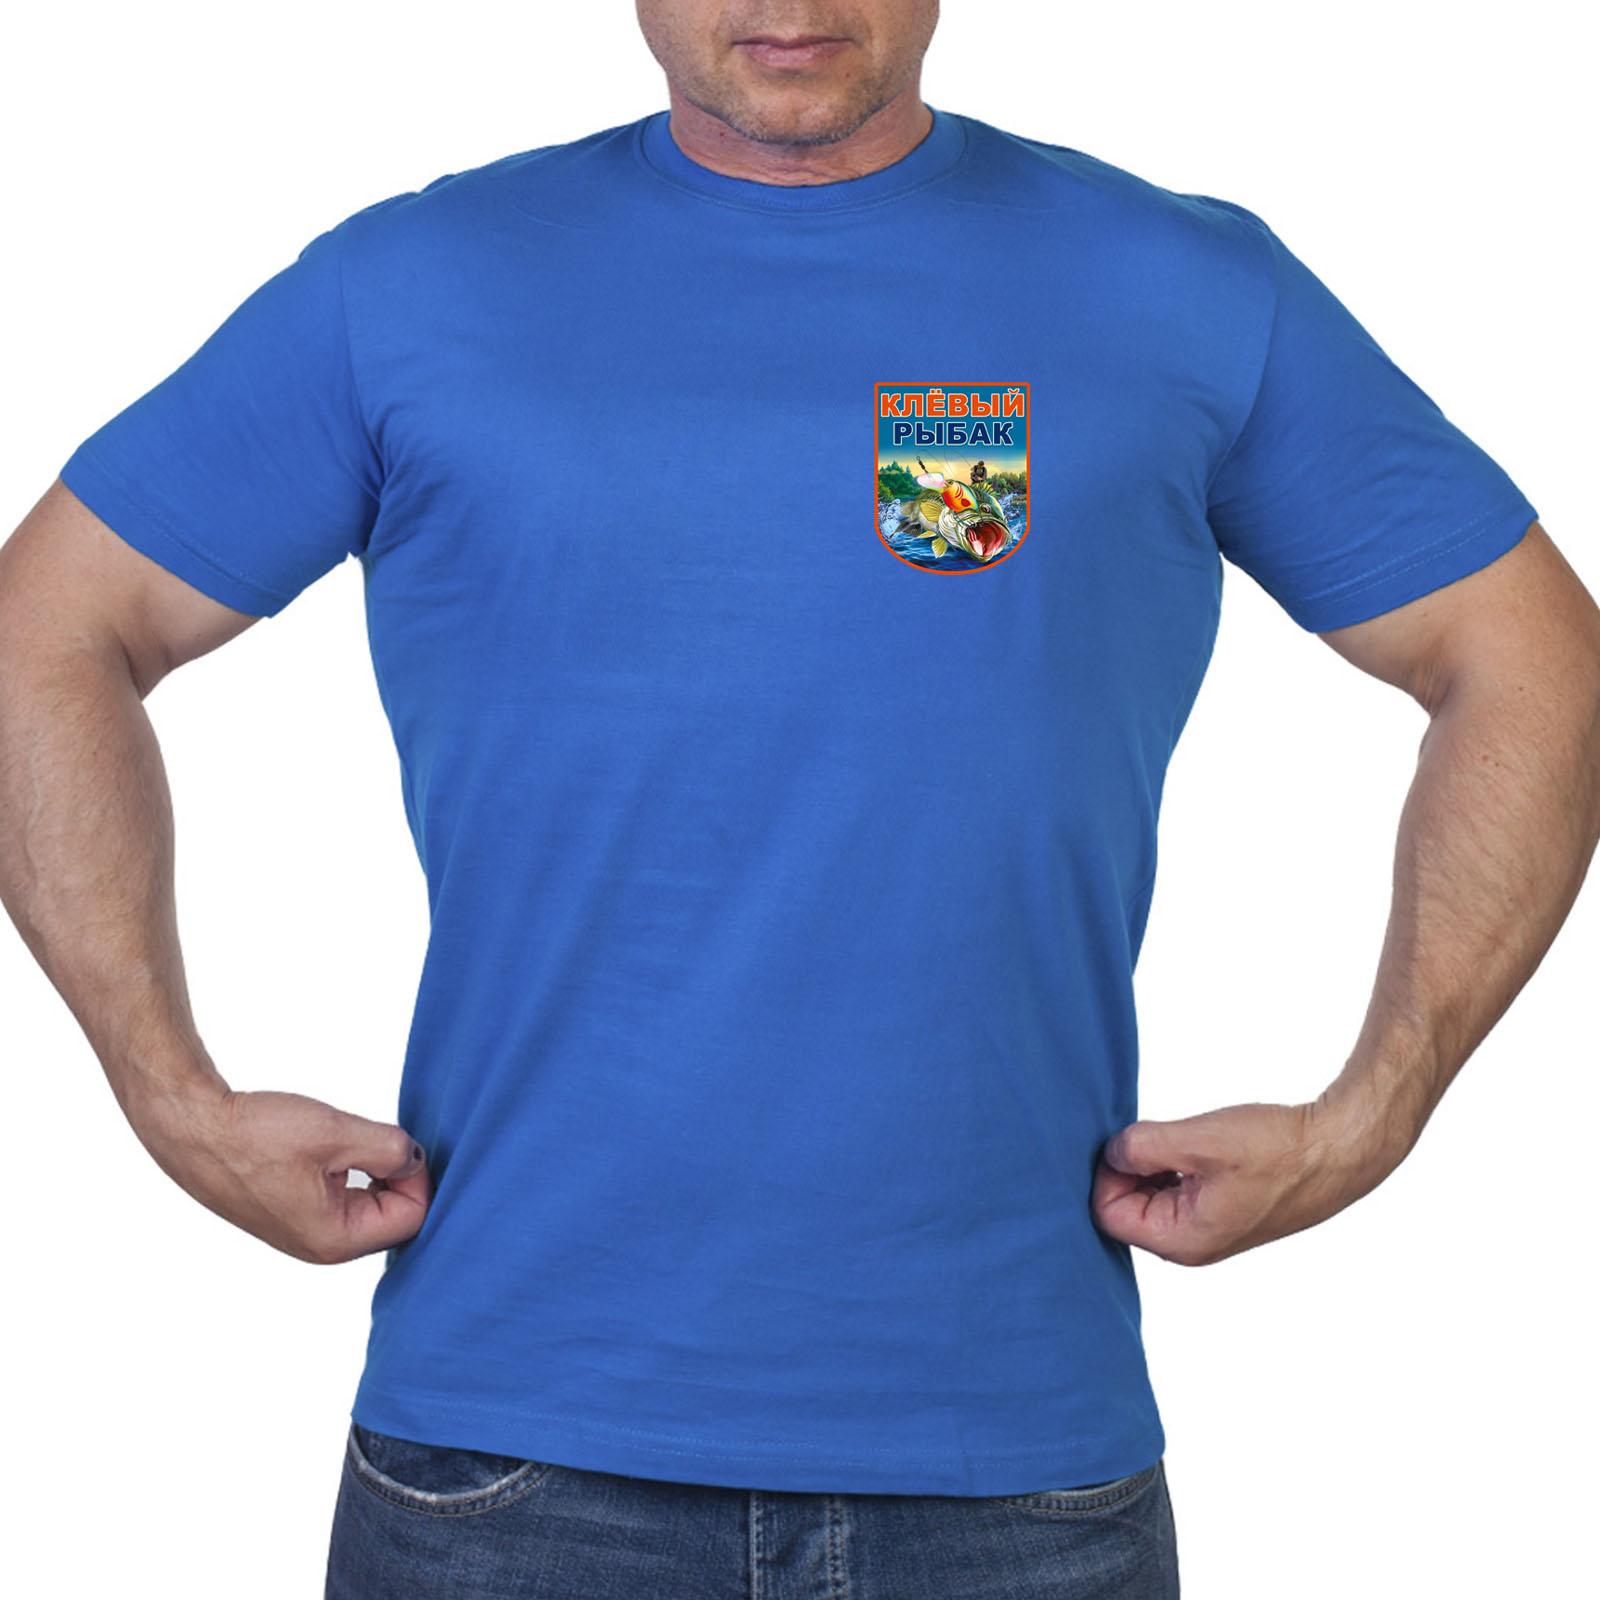 Васильковая футболка с термотрансфером Клёвый рыбак